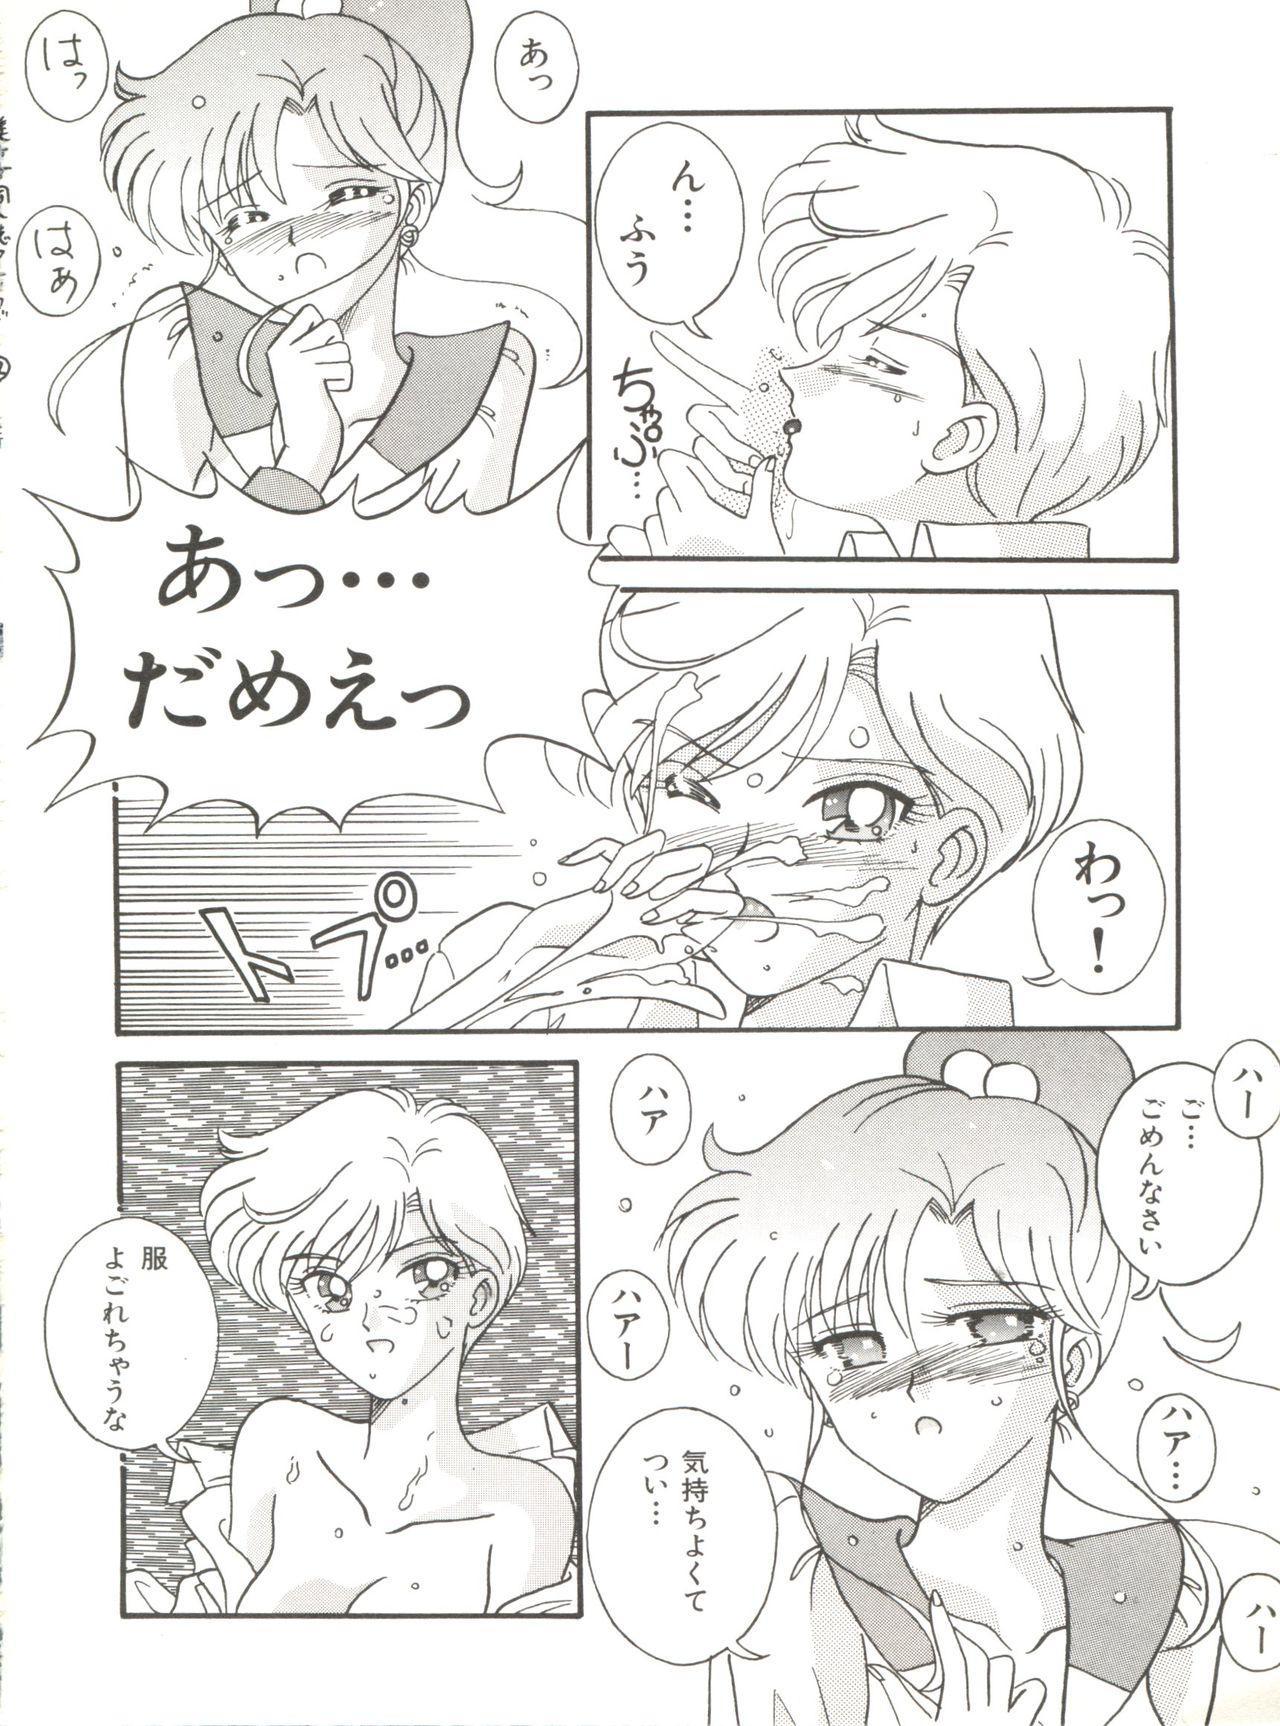 Bishoujo Doujinshi Anthology 12 - Moon Paradise 7 Tsuki no Rakuen 100